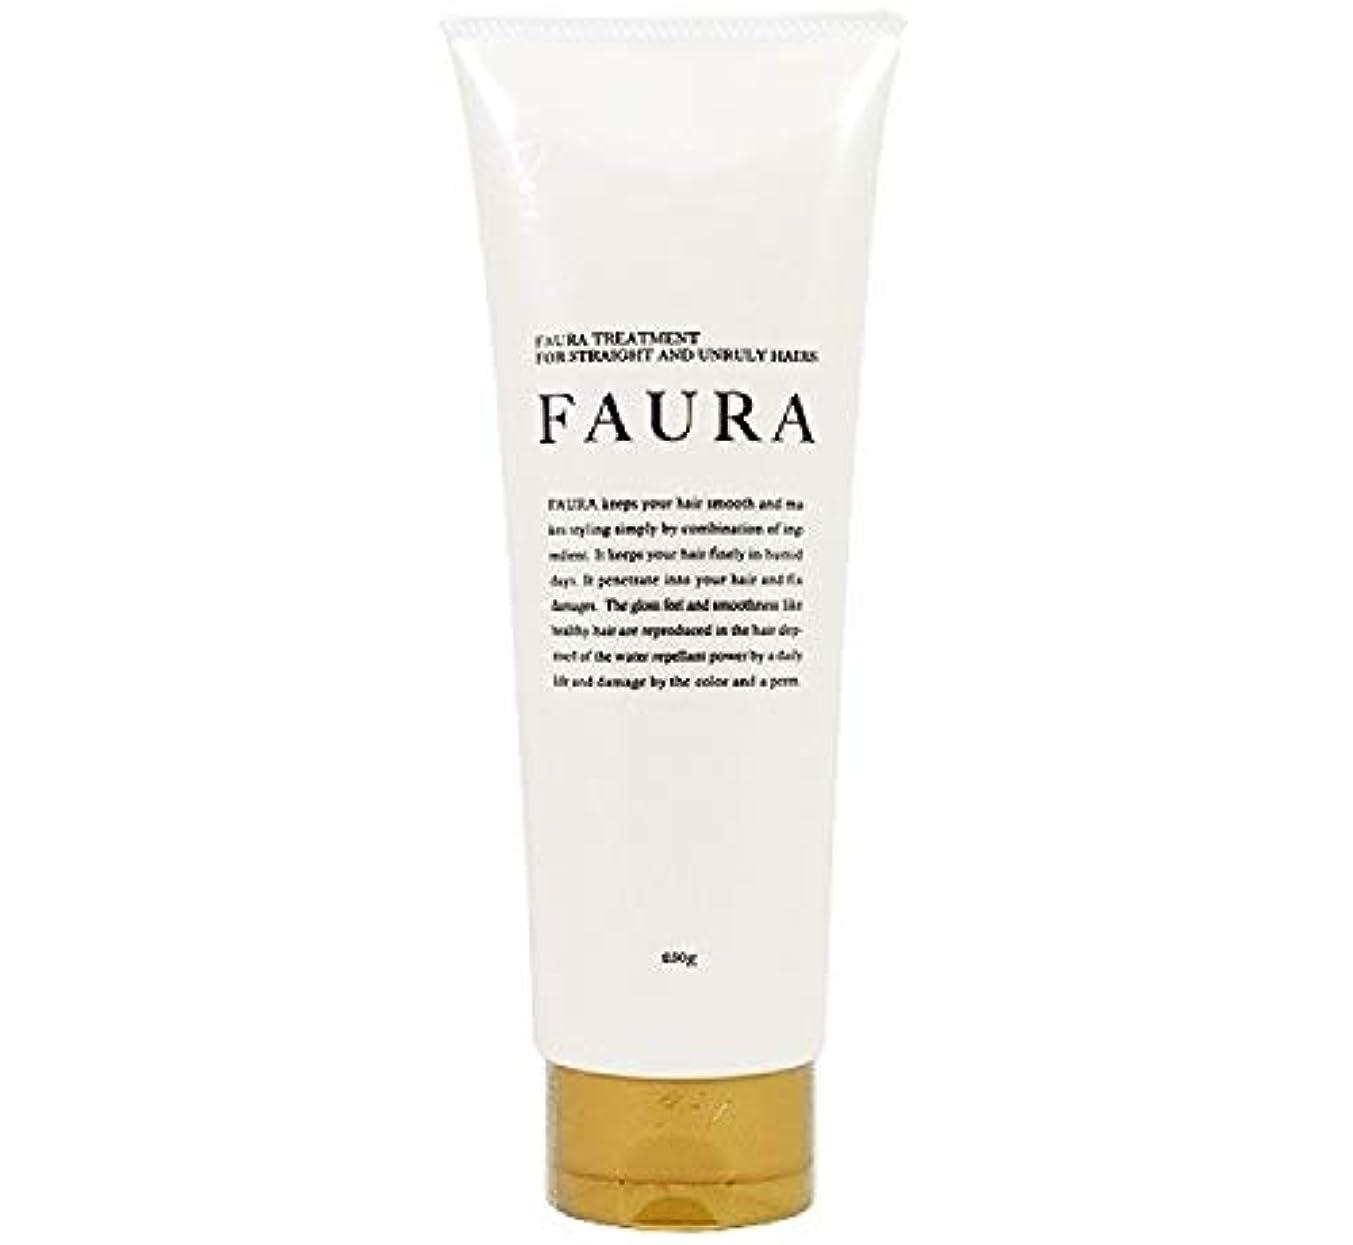 バリー色組み合わせ【発売1年で3万本の売上】FAURA ファウラ ヘアトリートメント (傷んだ髪に) 250g 【サロン専売品】